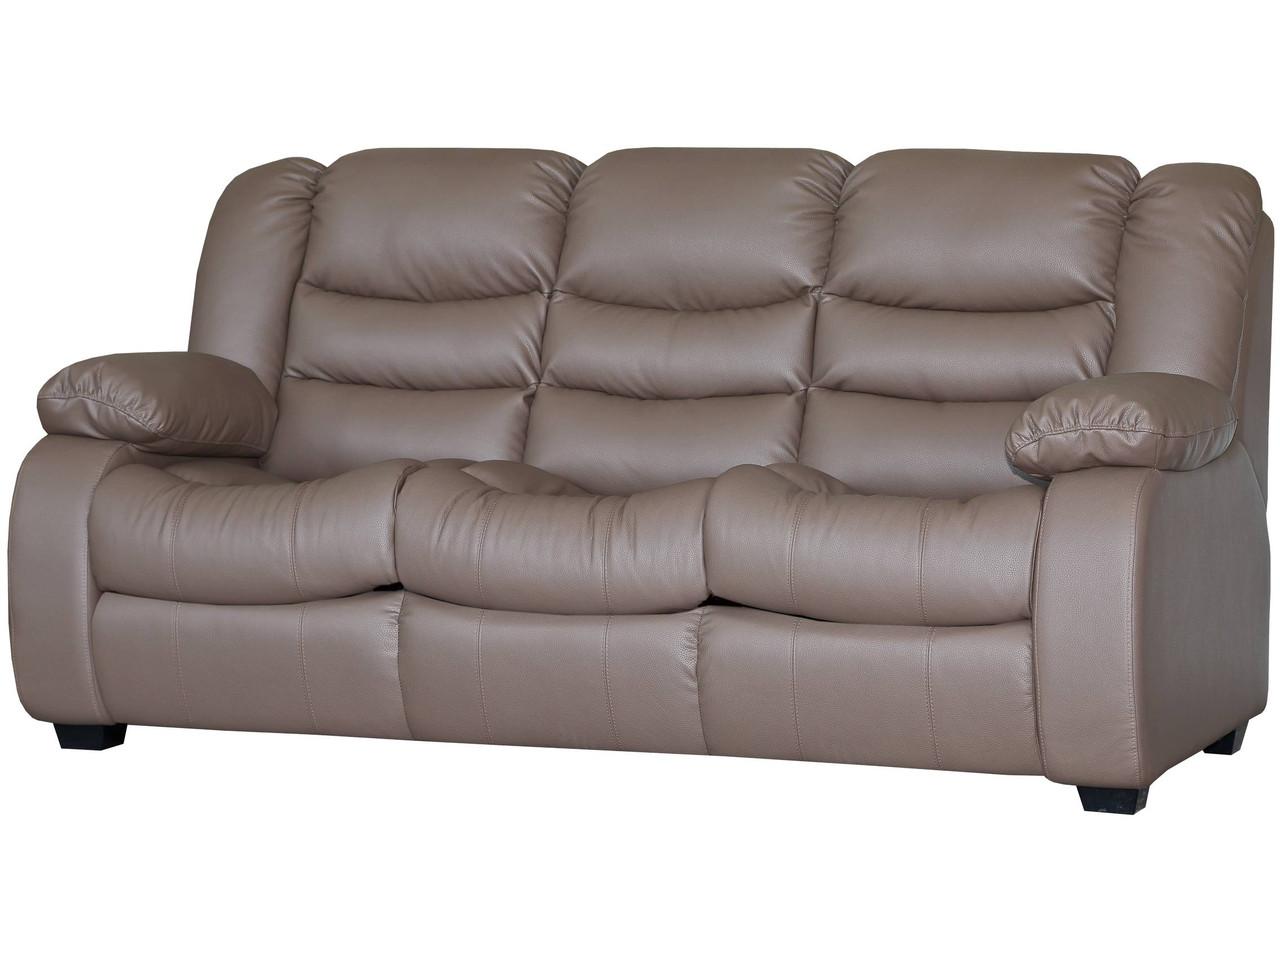 Шкіряний диван Ashley, не розкладний диван, м'який диван, меблі з шкіри, диван